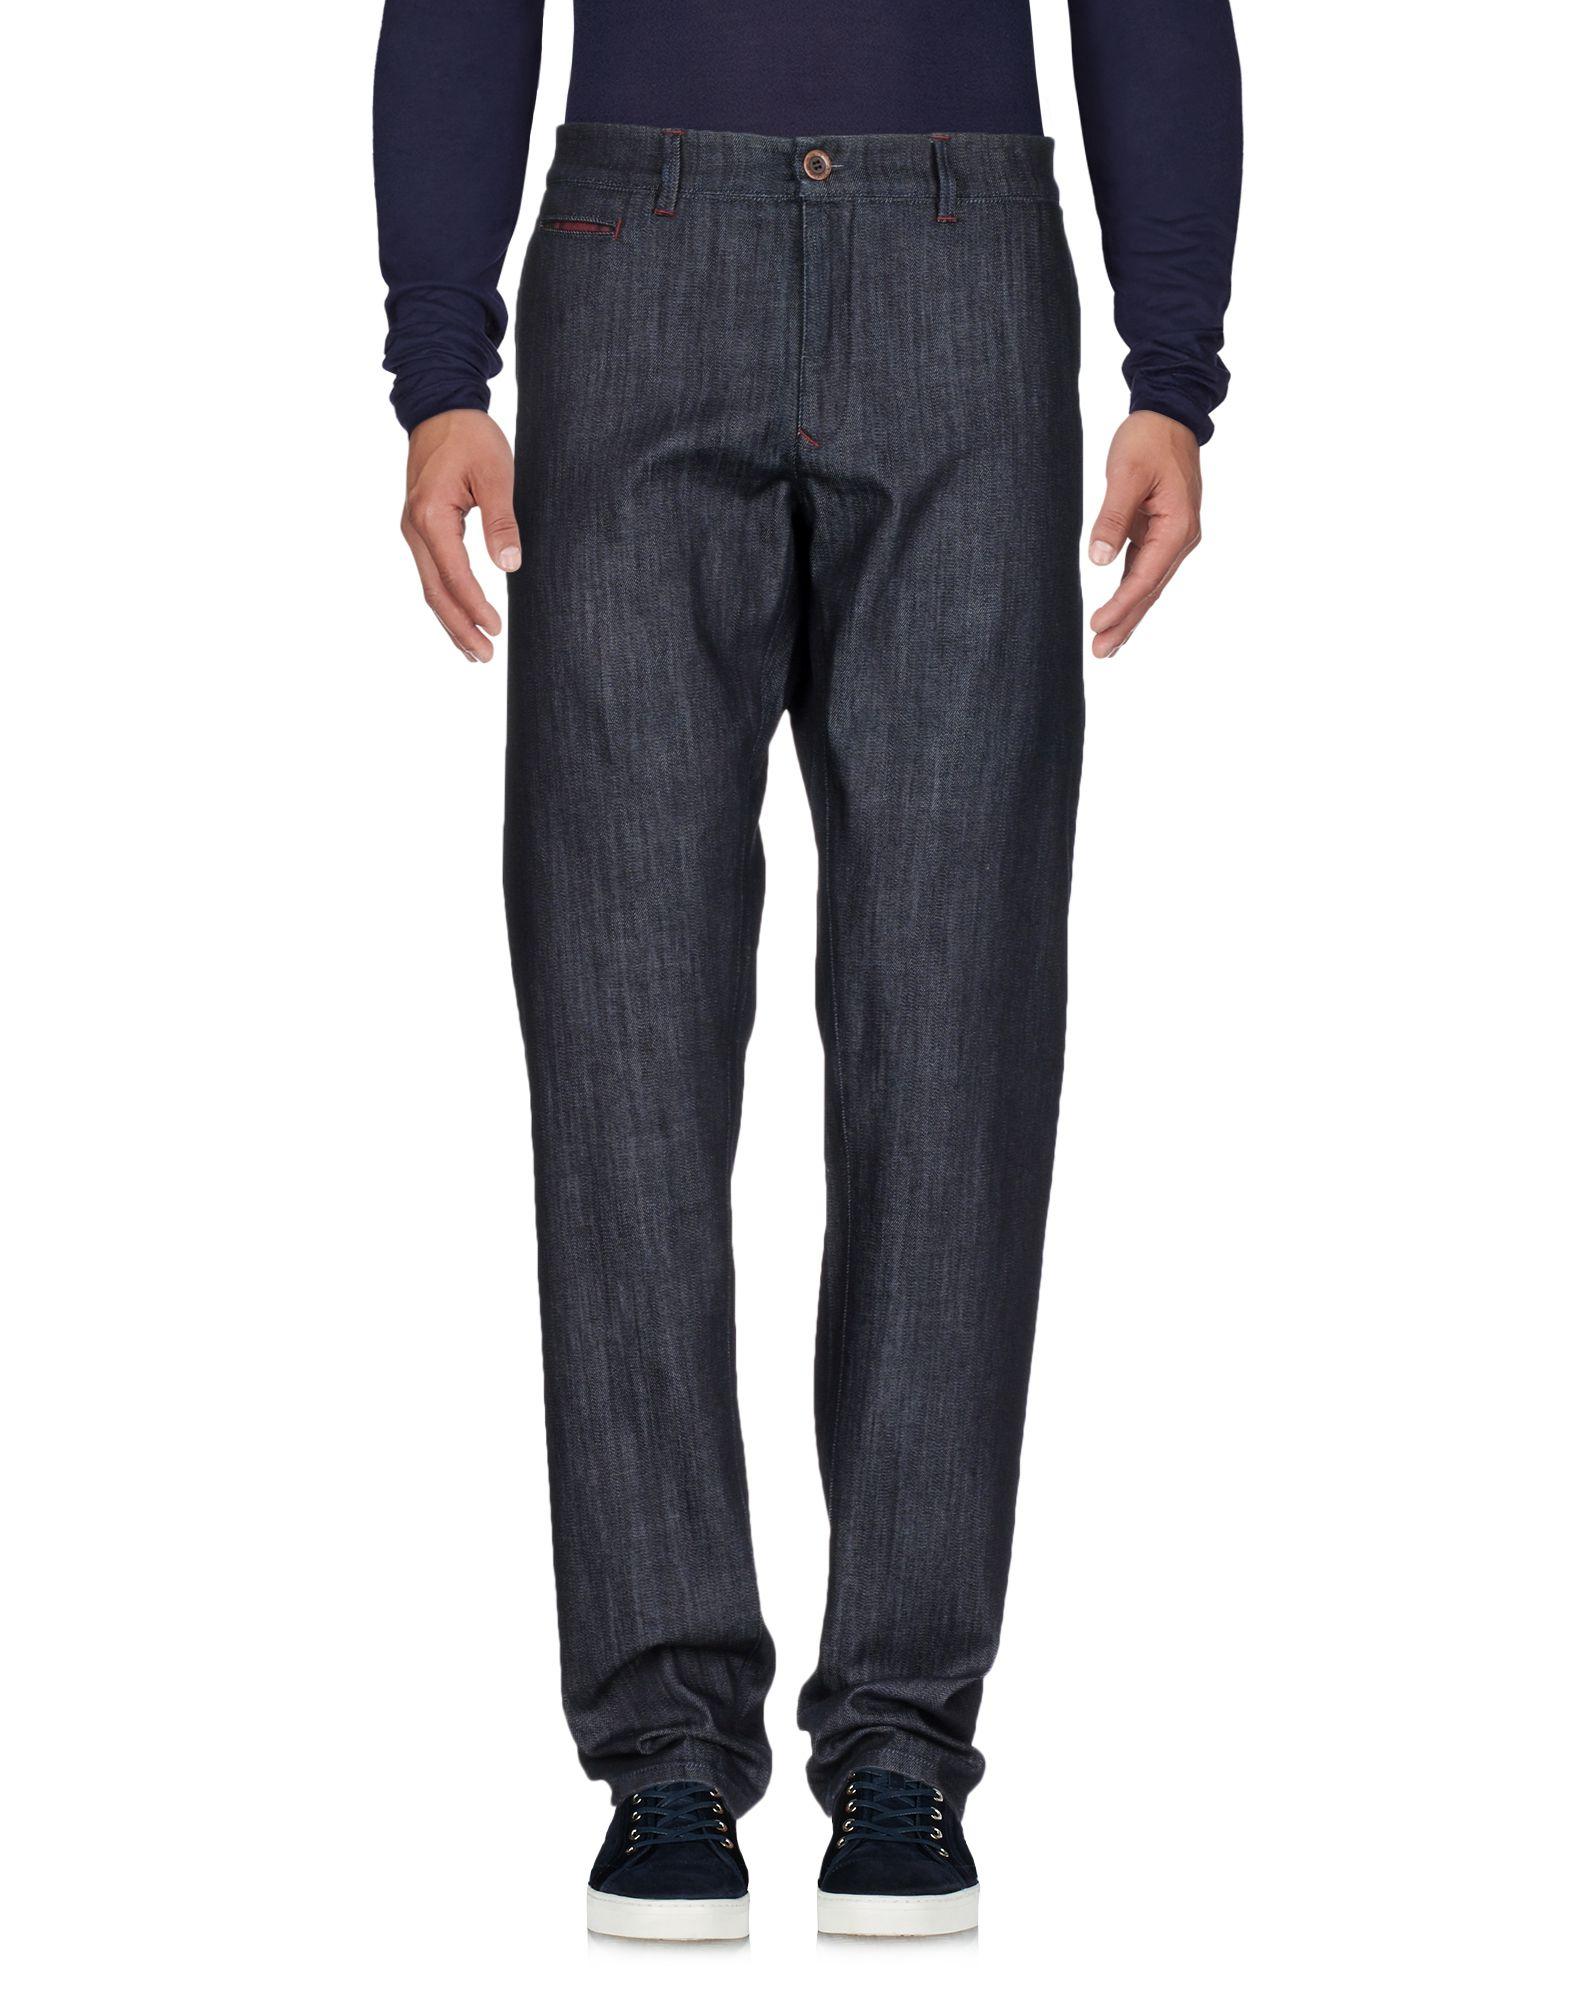 Pantaloni Jeans Siviglia Denim Donna - Acquista online su